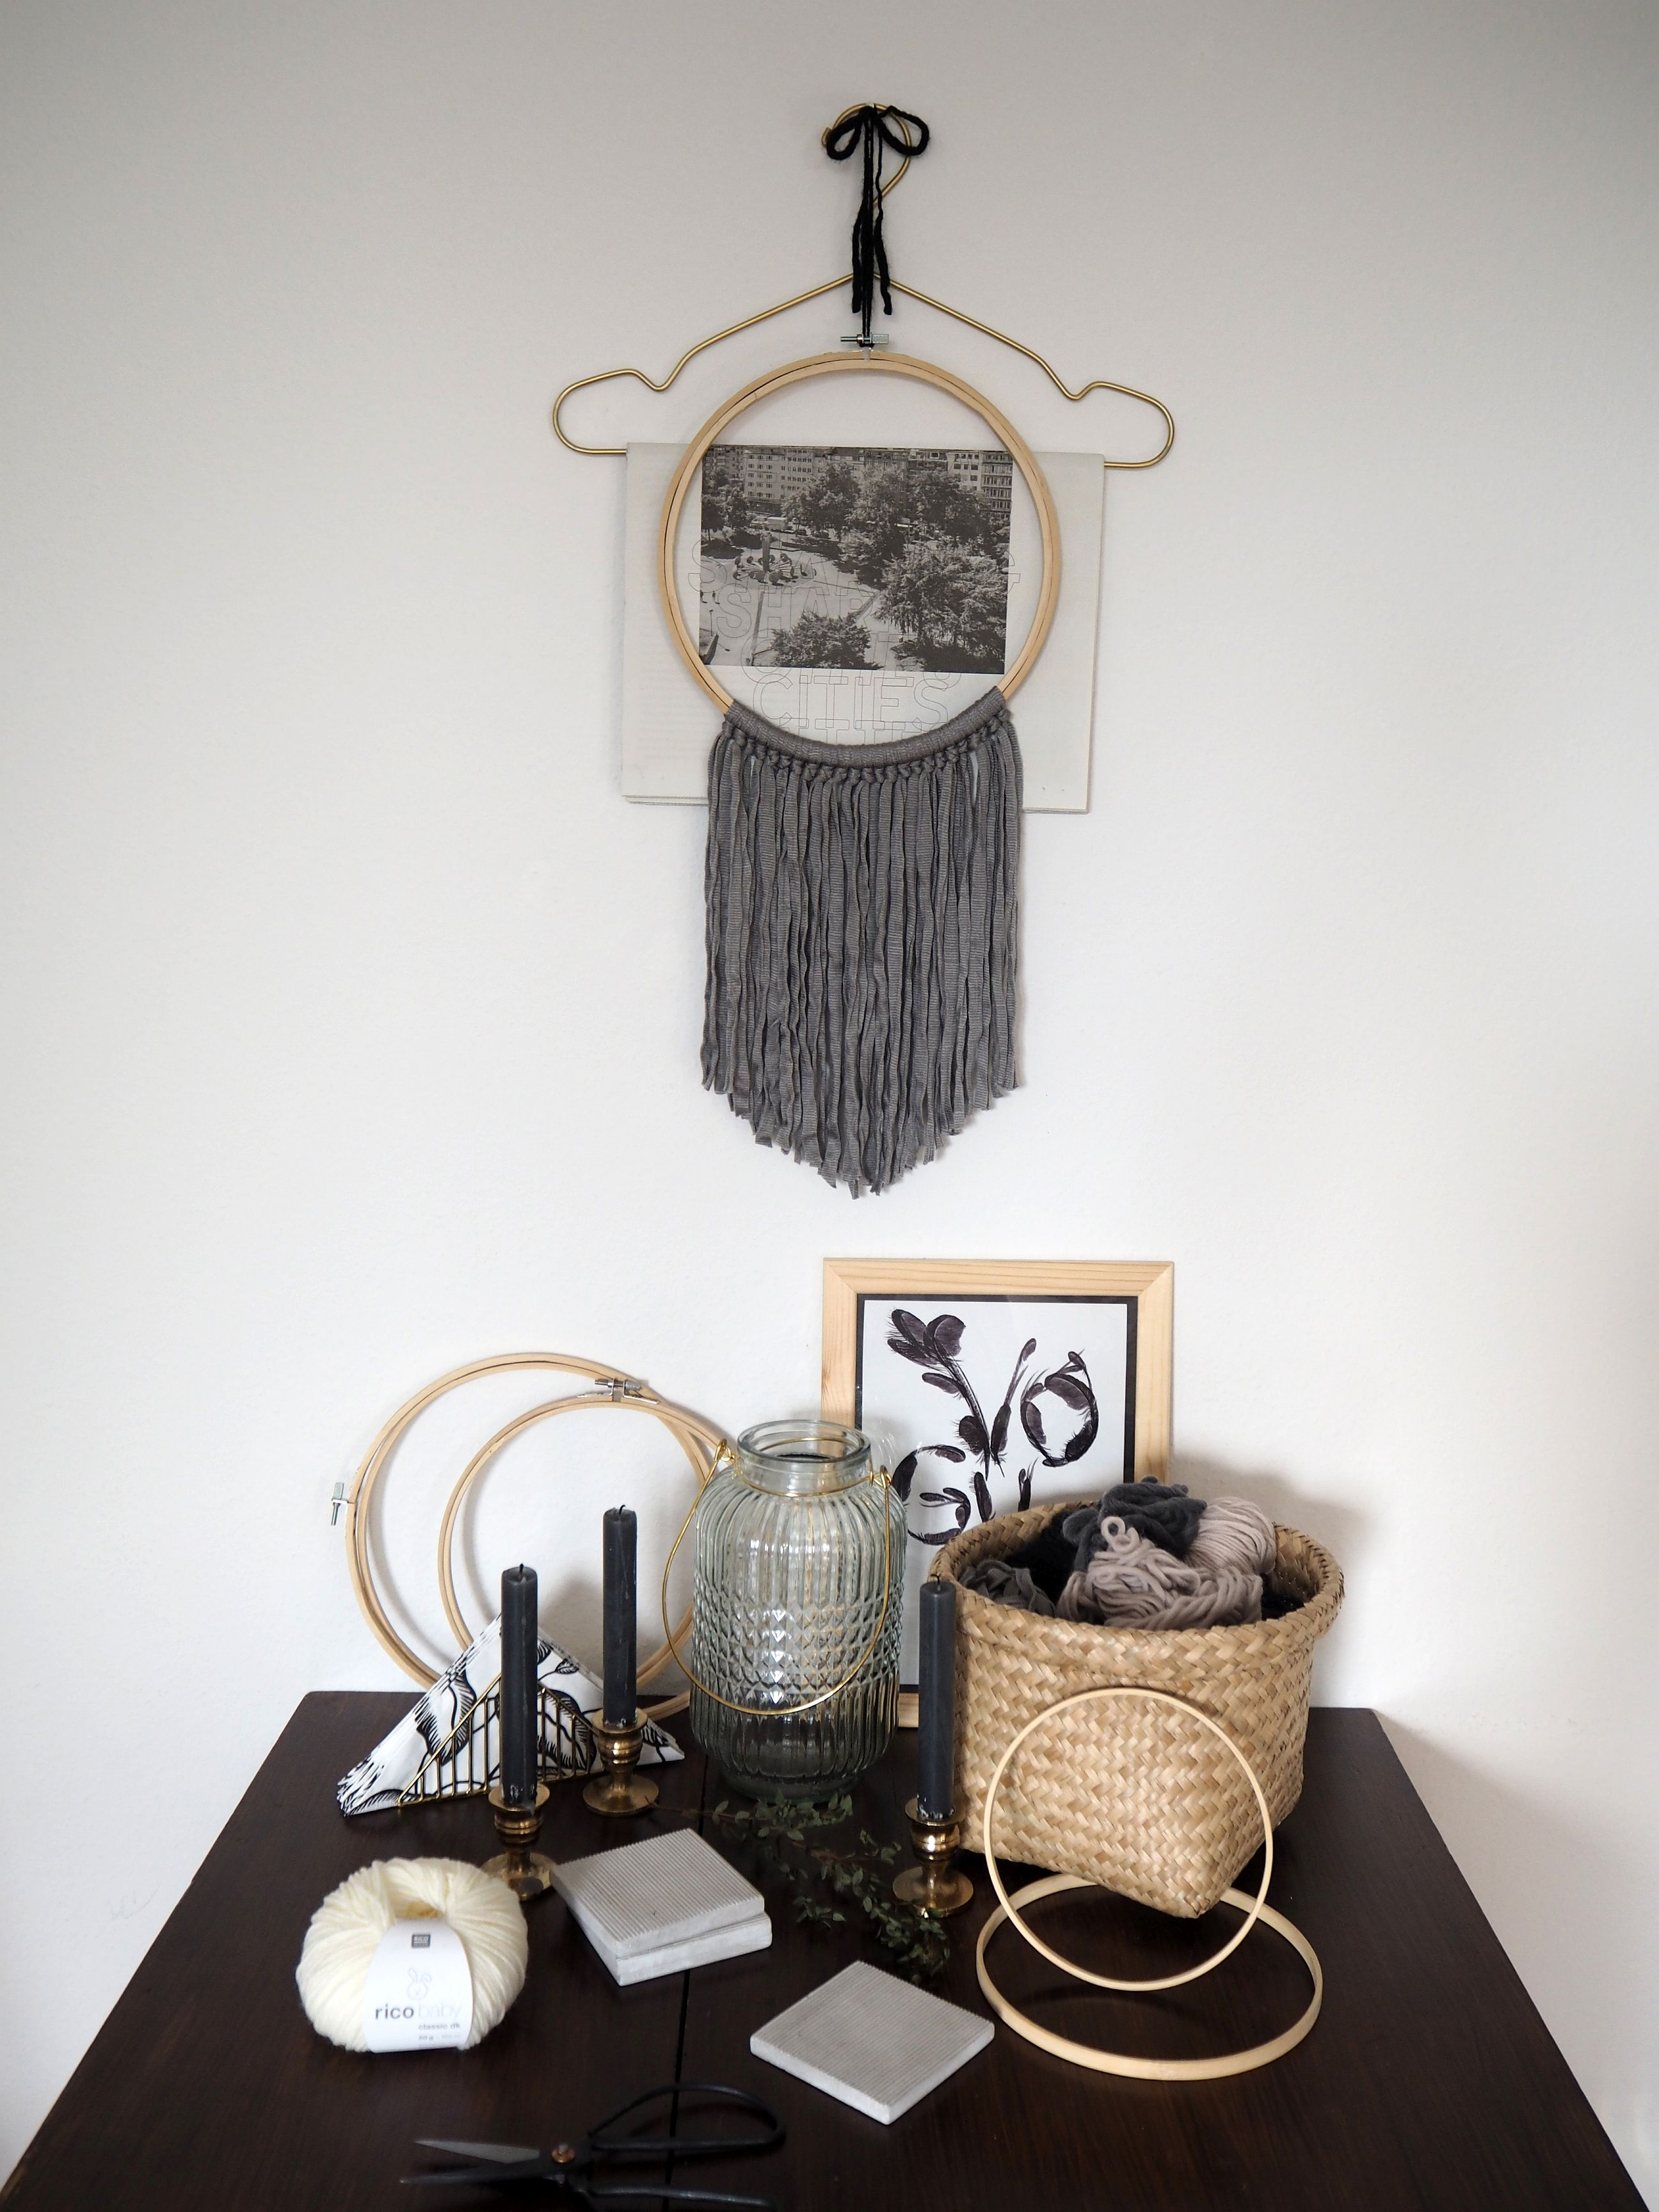 2018-01-skoen-och-kreativ-diy-interior-deko-wand-objekt-wall-hanging-skandi-stil (23)